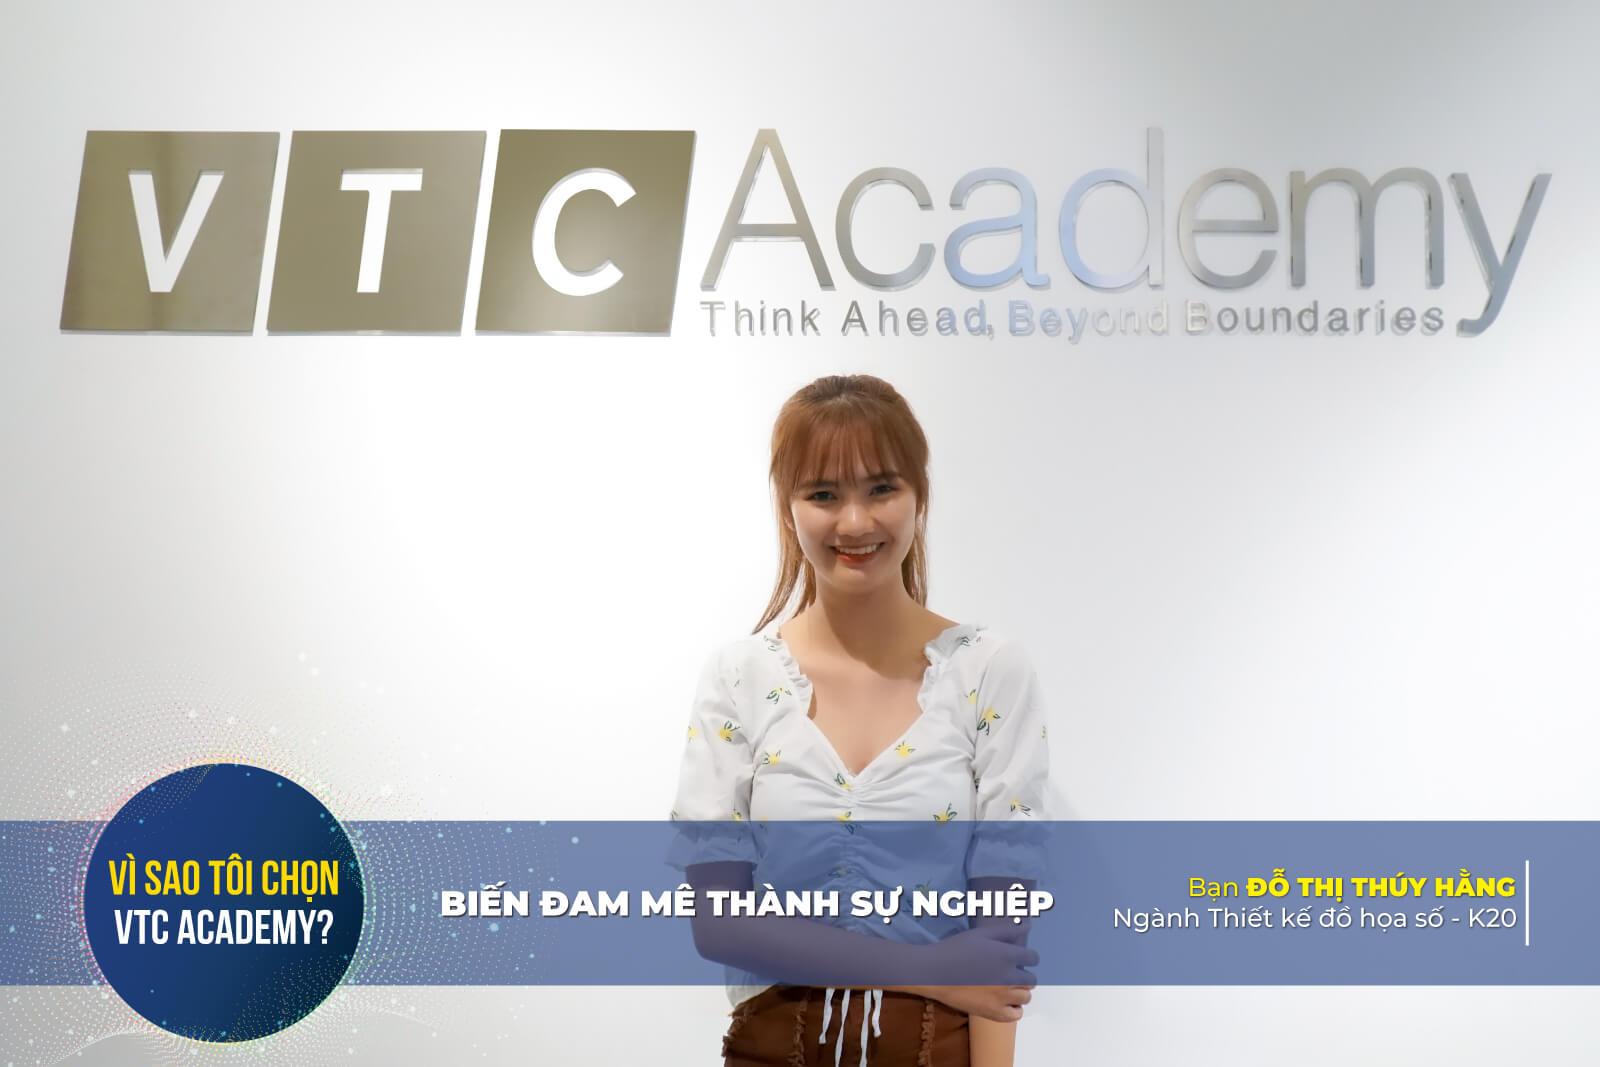 """""""VTC Academy giúp mình khám phá thêm nhiều điểm mạnh của bản thân!"""""""